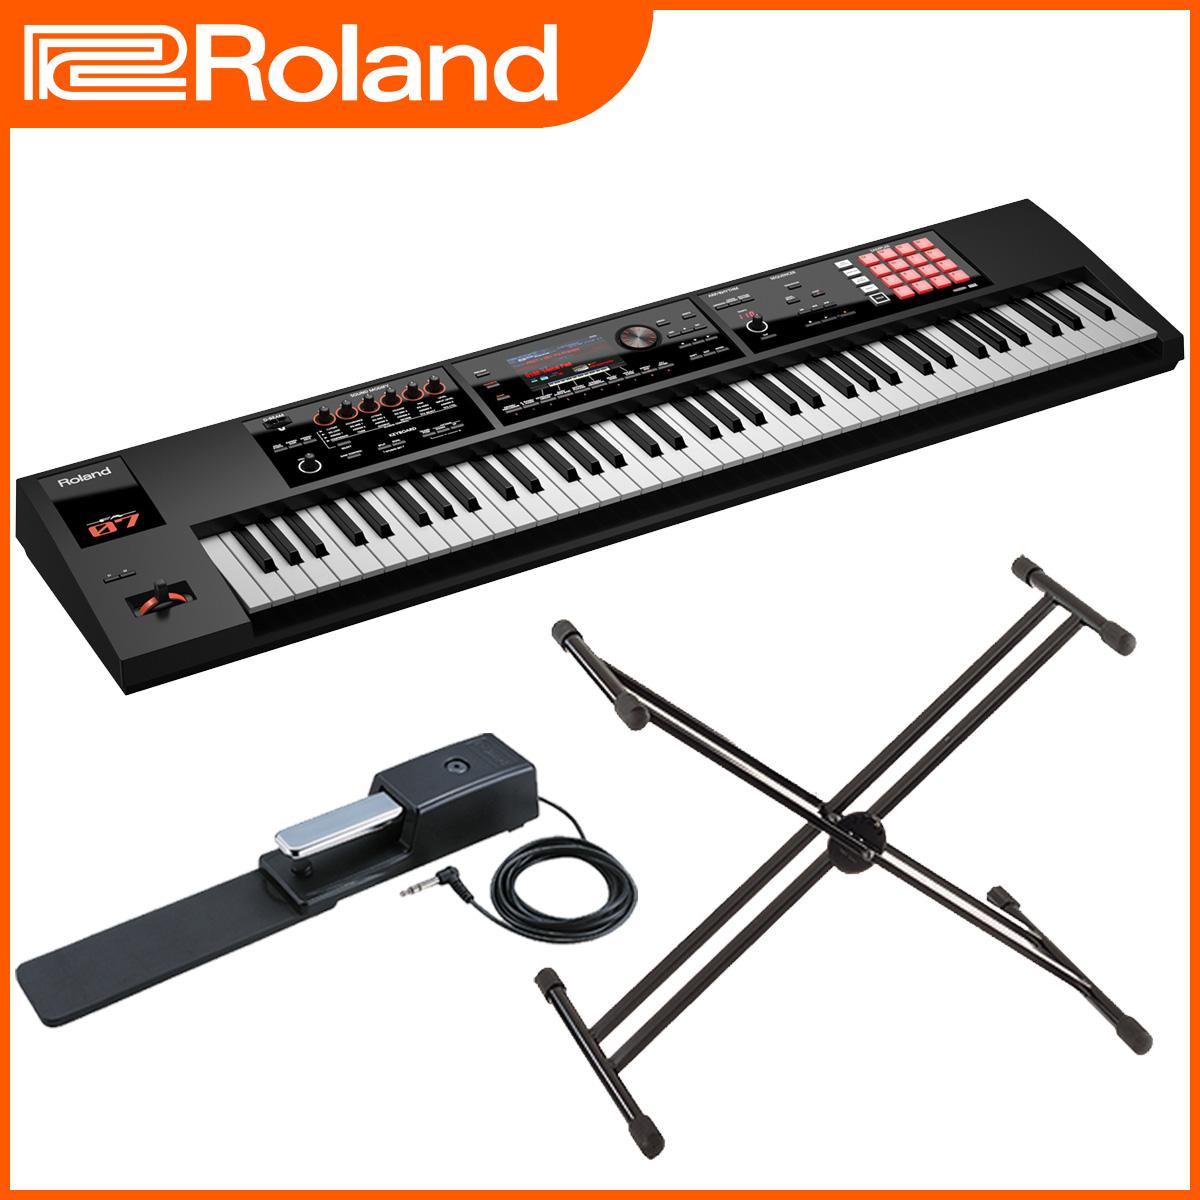 Roland ローランド / FA-07 Music Workstation 【スタンド&ペダルセット】【オーバーレイシート付属】 76鍵盤 シンセサイザー《背負えるキャリングケースプレゼント:811160800》【YRK】《予約注文/10月下旬入荷予定》